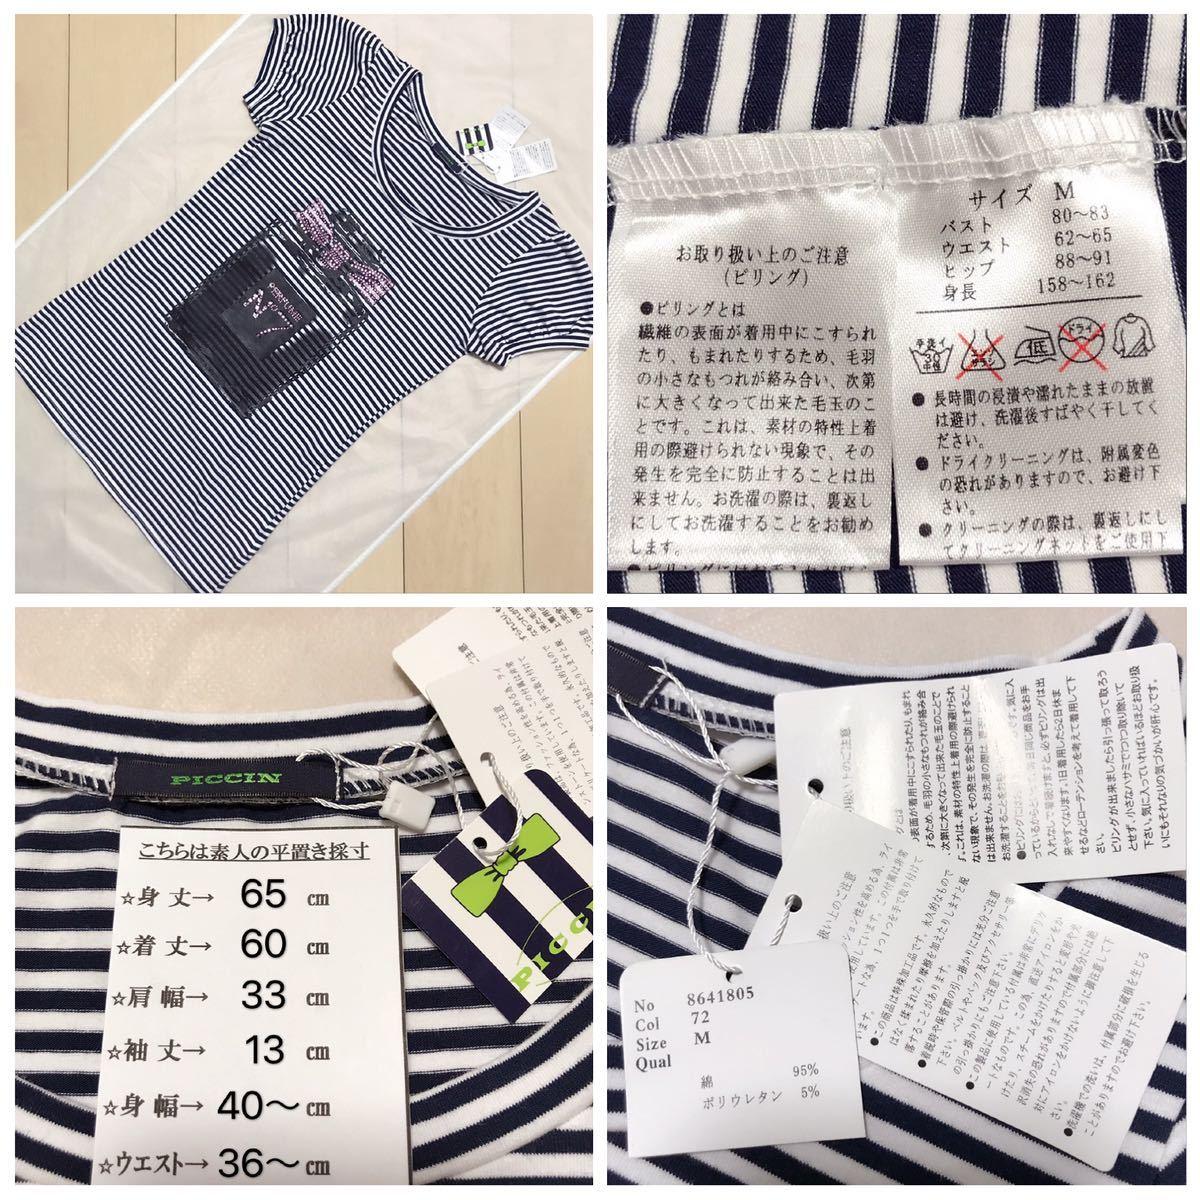 PICCIN トップス 半袖Tシャツ カットソー パヒュームプリンティング ボーダー